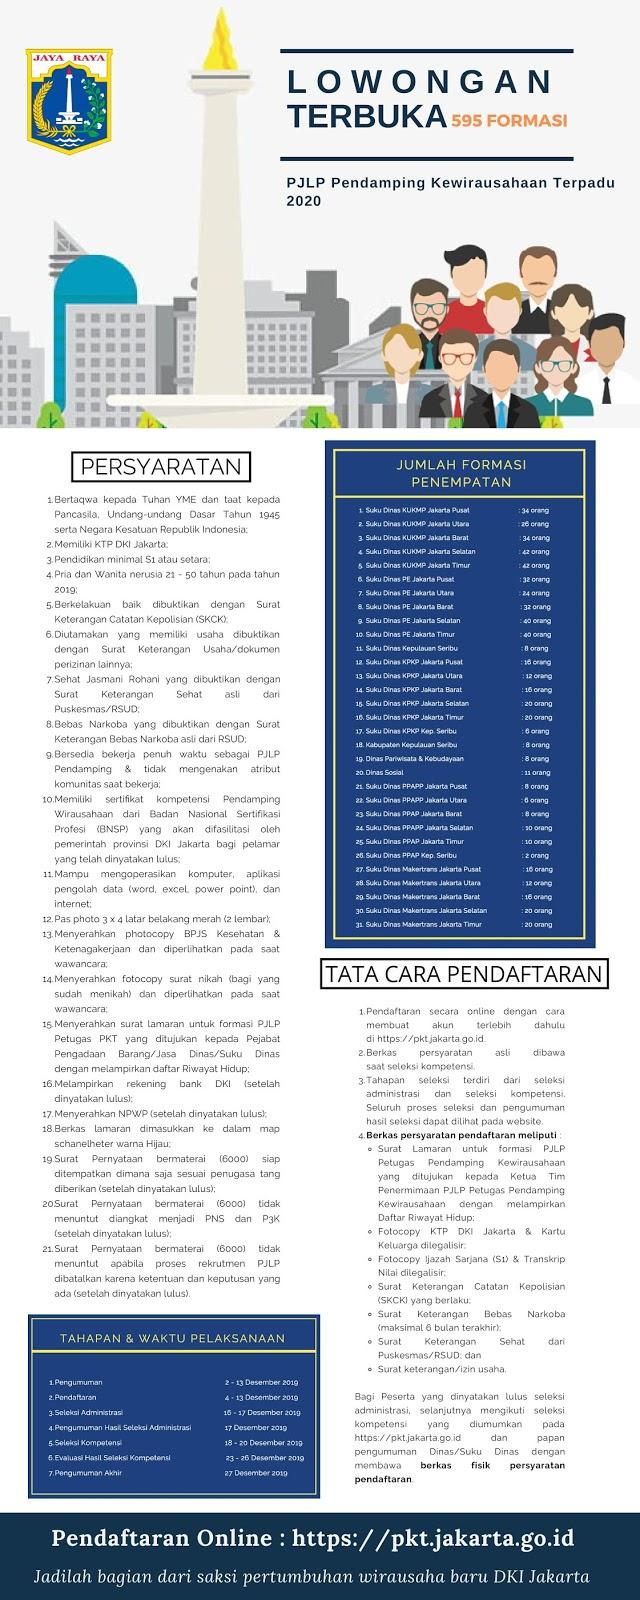 Lowongan PJLP Pendamping Kewirausahaan Terpadu  DKI Jakarta Besar Besaran [595 Formasi]